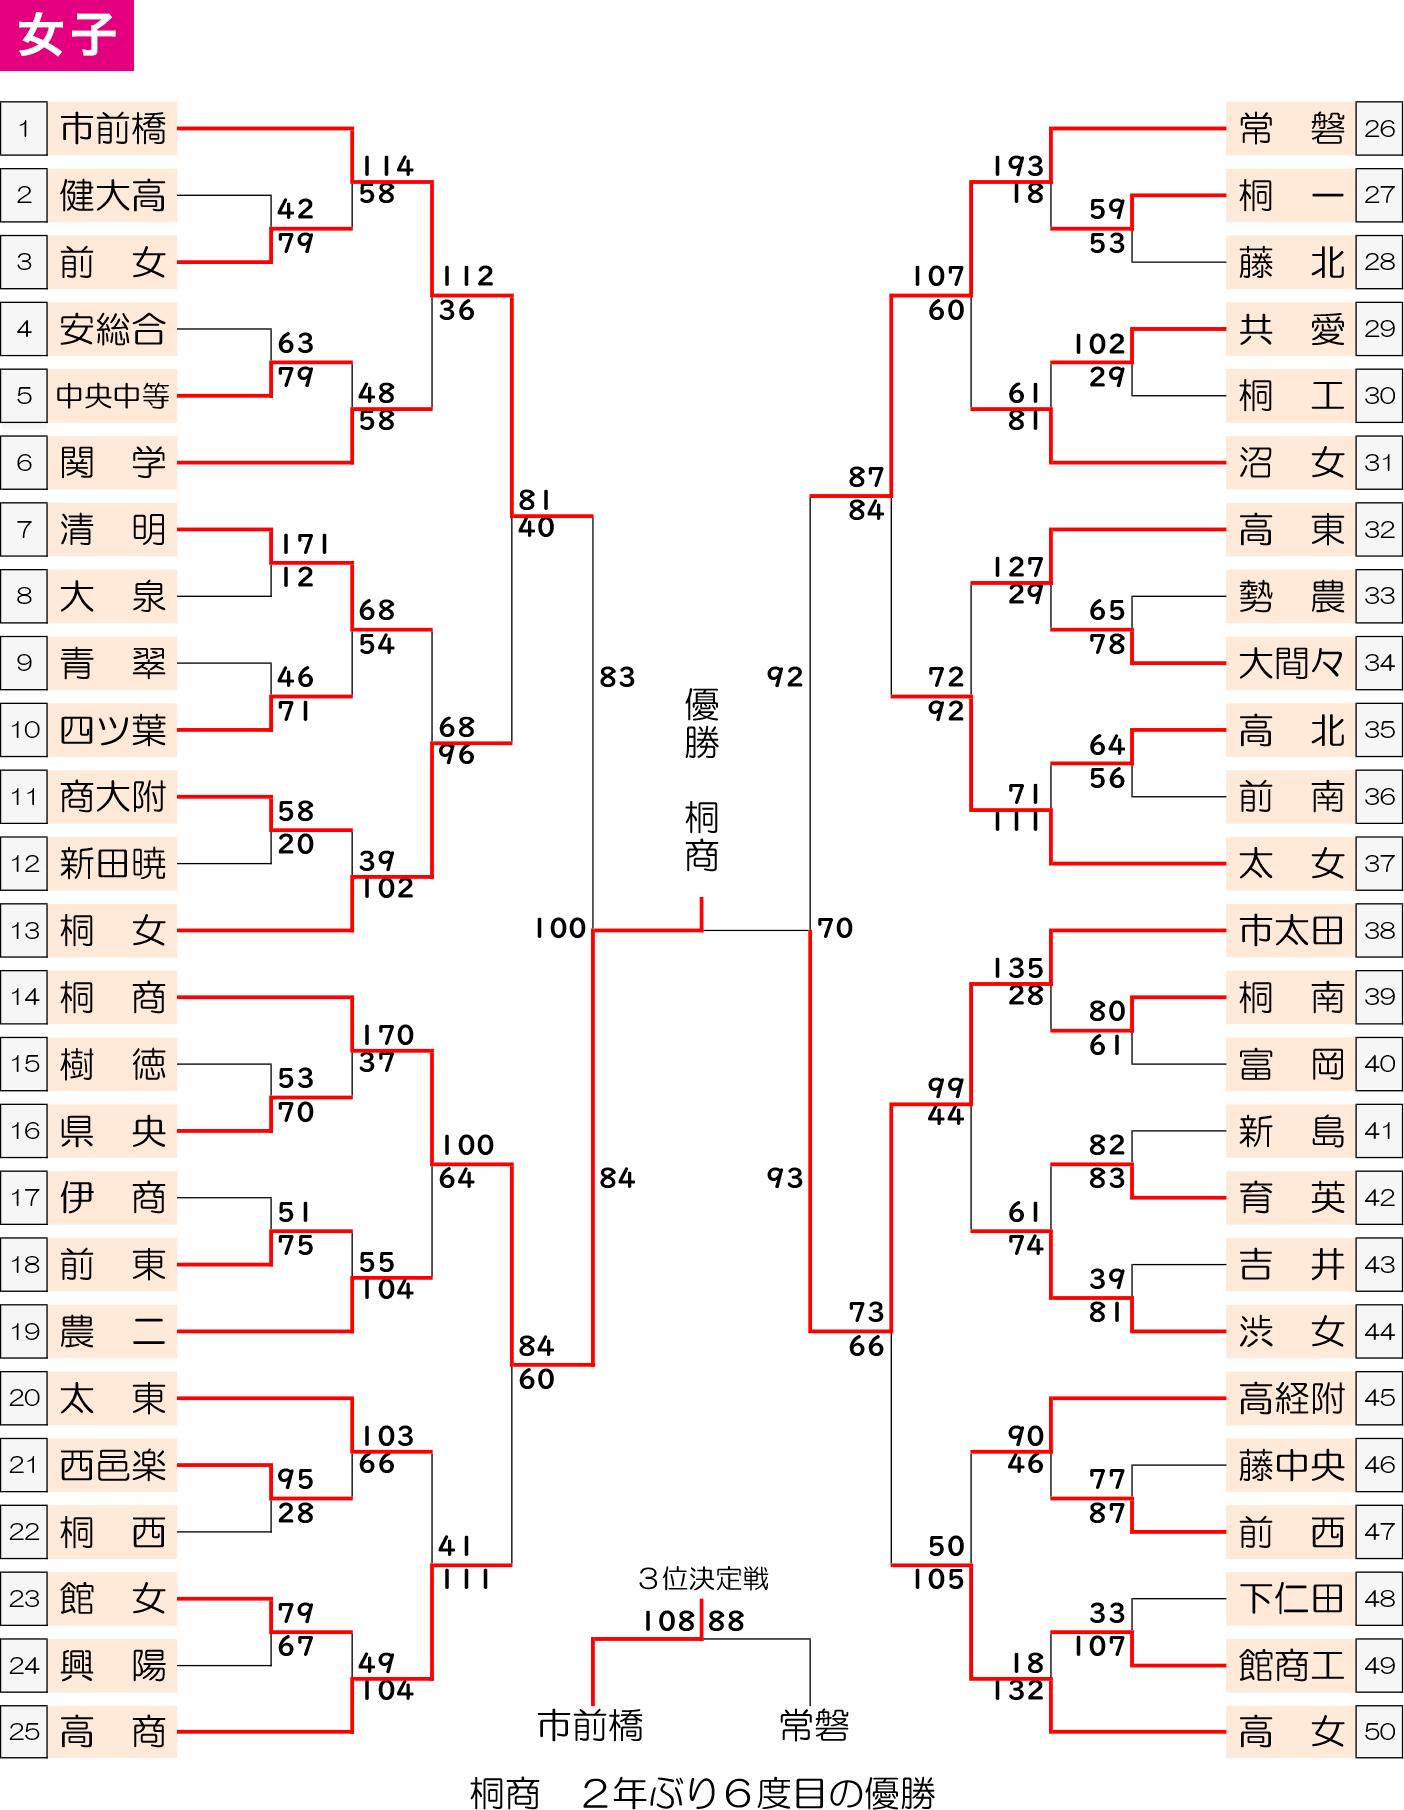 2019年(平成31/令和元)年度 第54回 群馬県高校総体 - 大会結果 女子